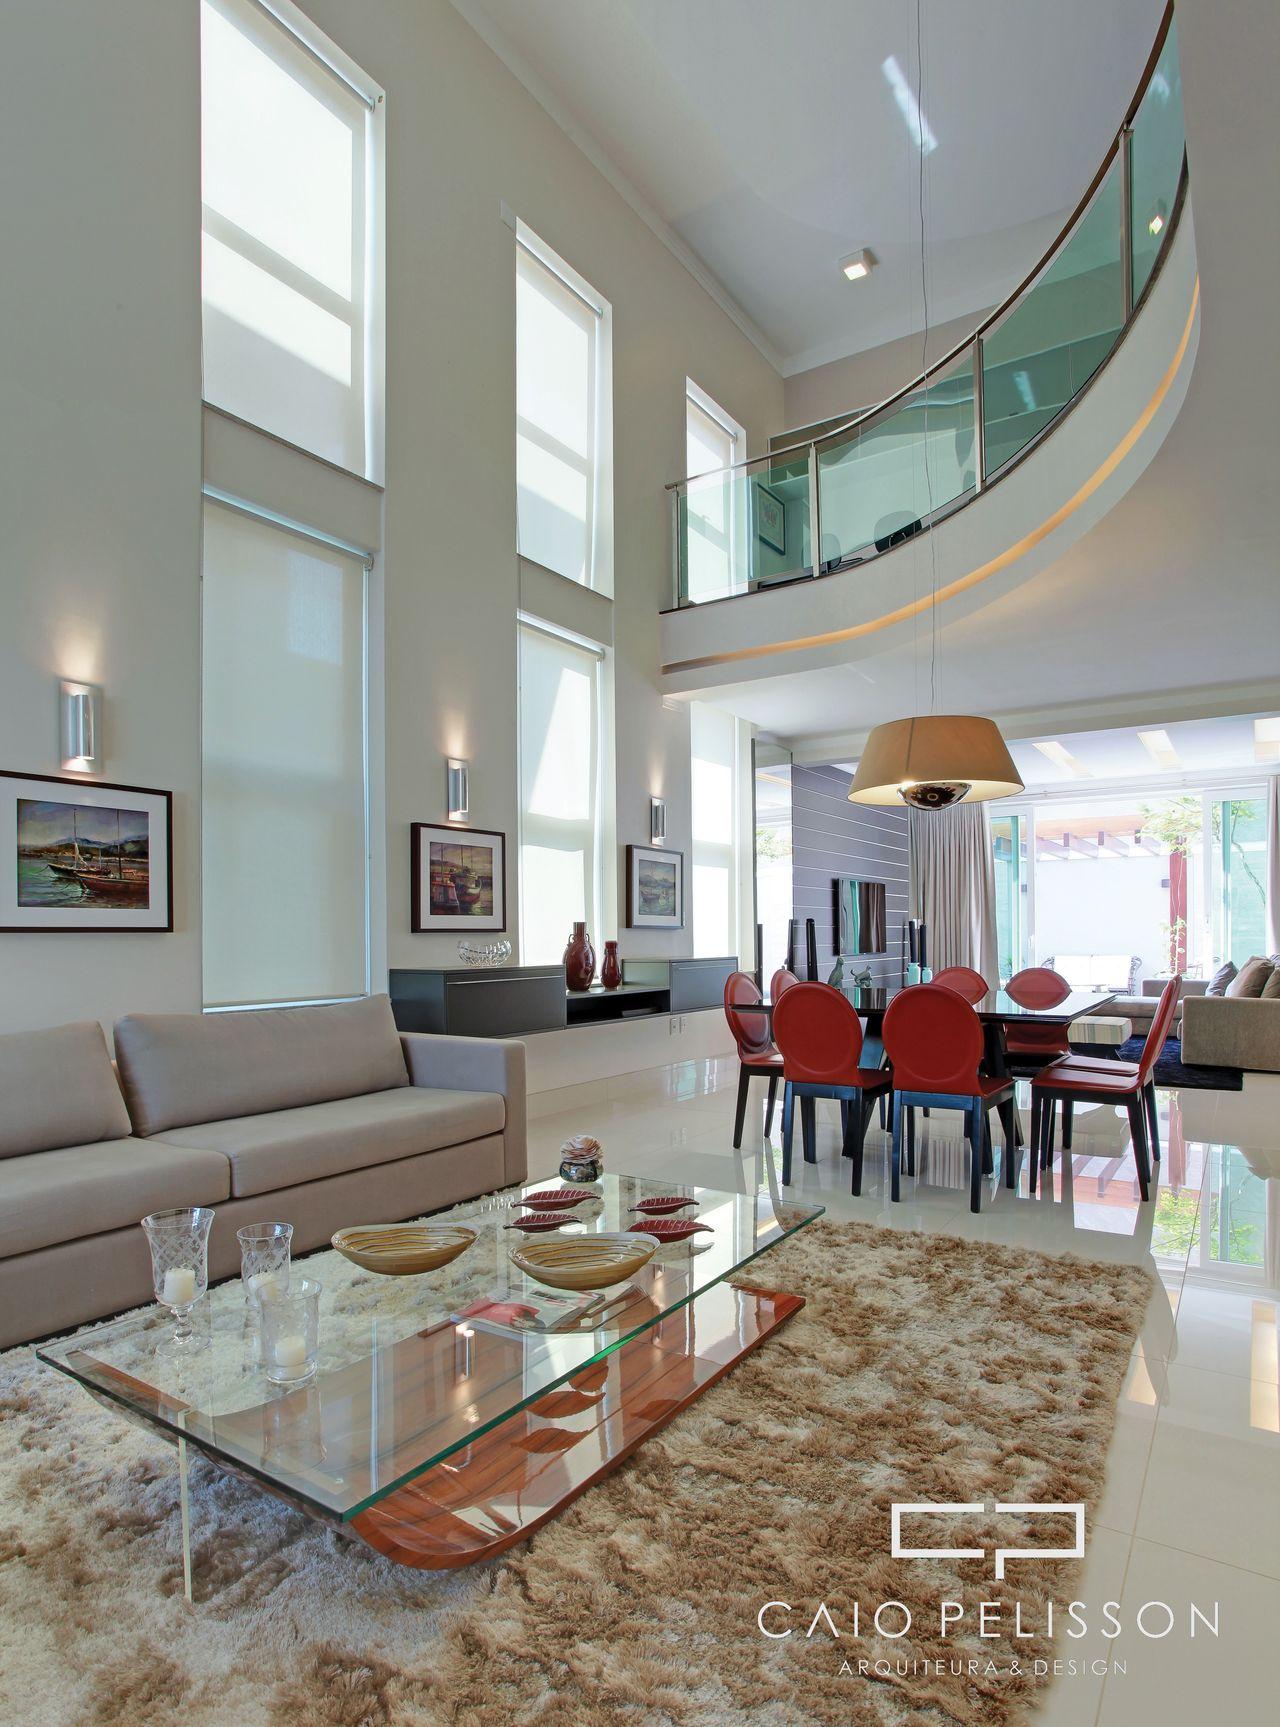 Sala Moderna Clara Com Mezanino E Arandelas De Arquiteto Caio